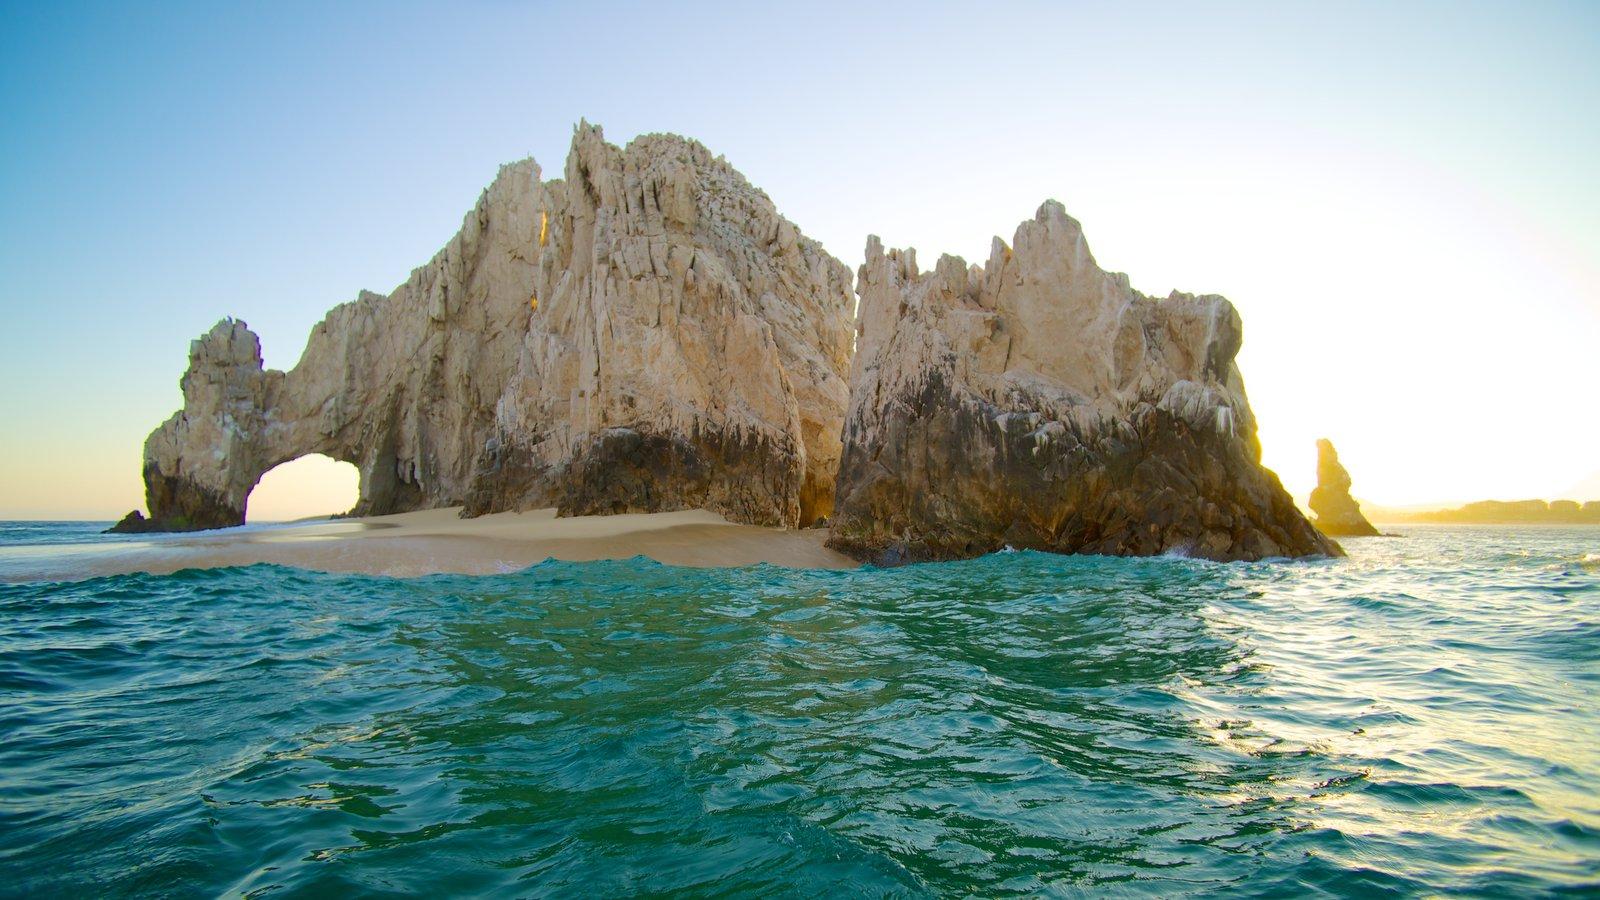 El Arco mostrando vistas de paisajes, vistas de una isla y vistas generales de la costa